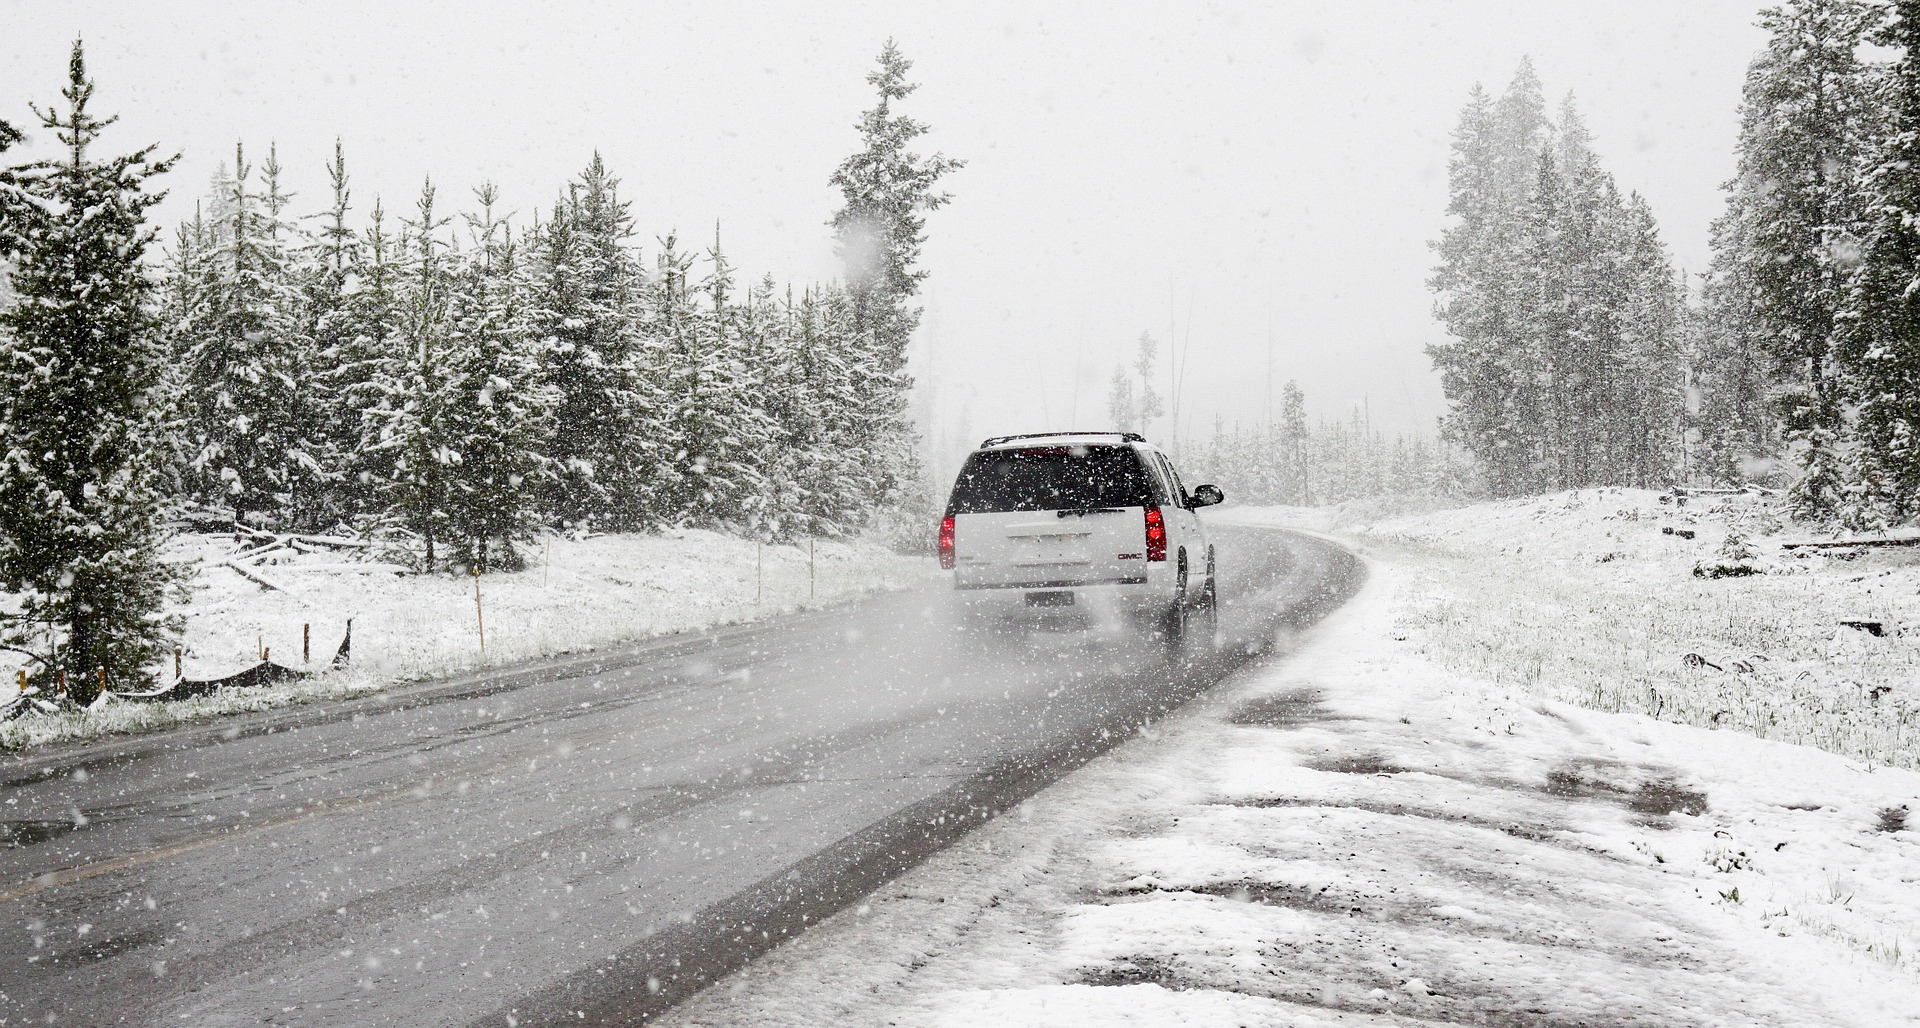 UWAGA! Intensywne opady śniegu i oblodzone drogi - Zdjęcie główne